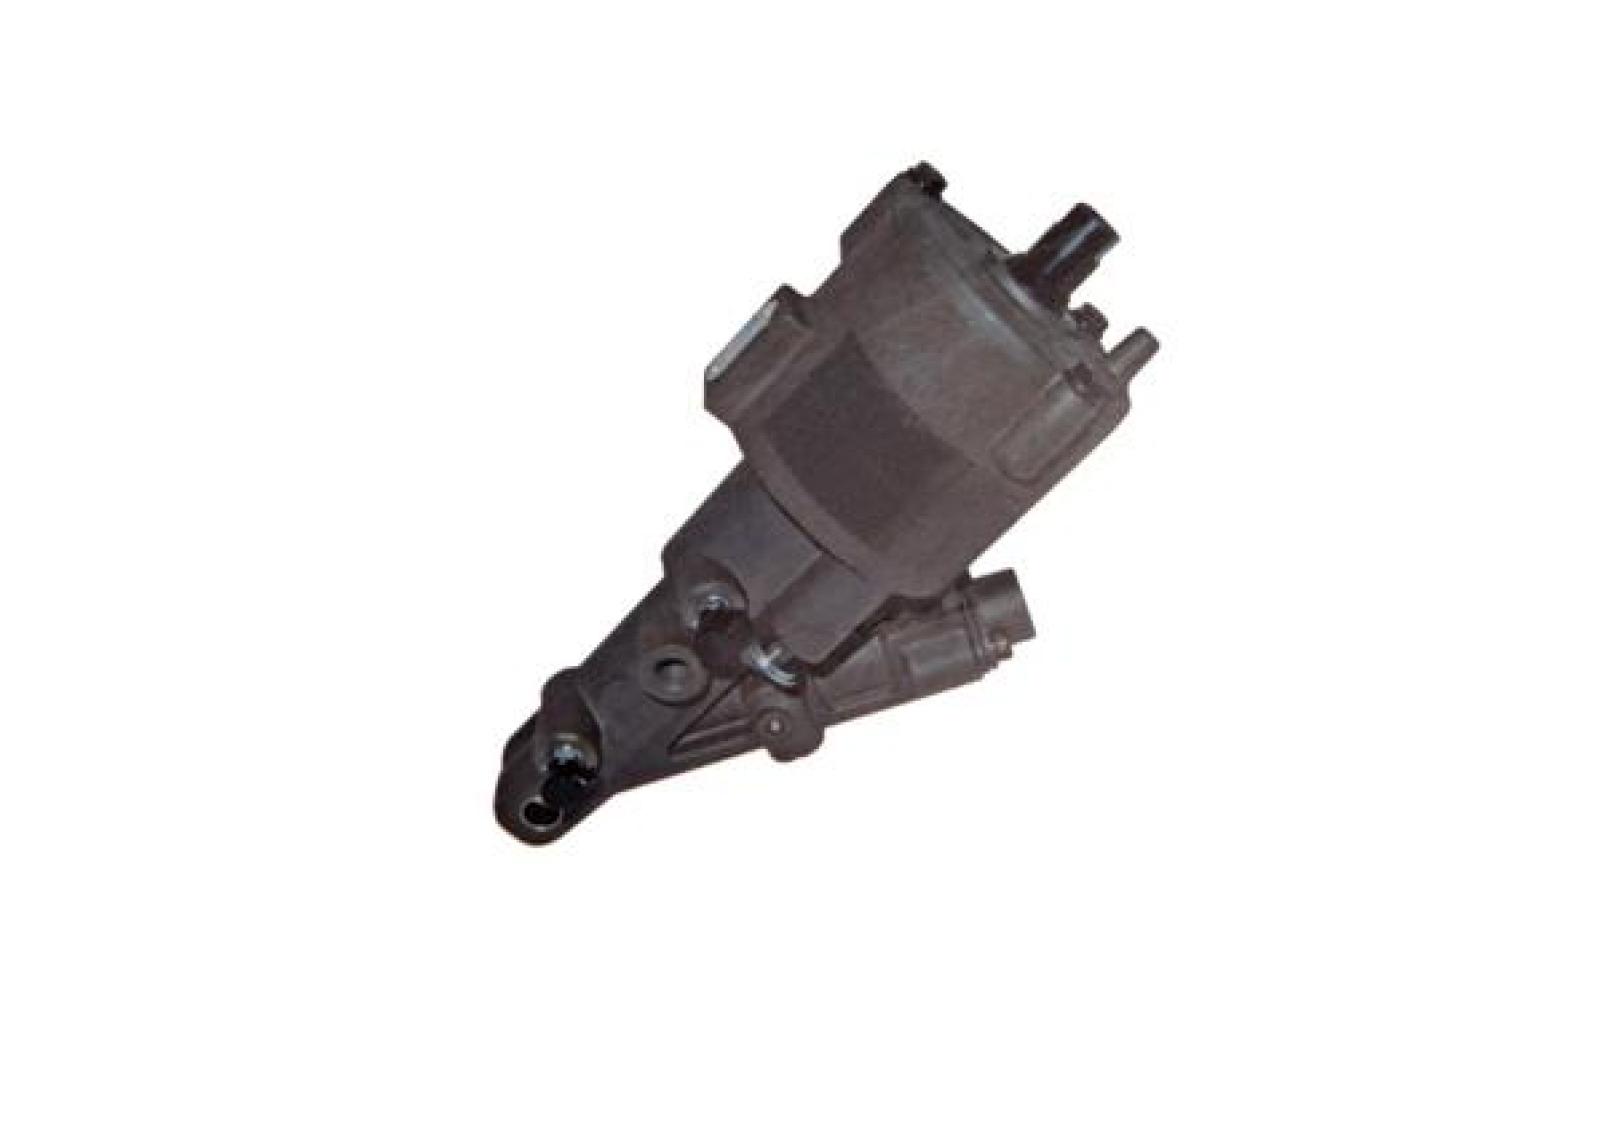 Clutch Servo Unit for Volvo FH12, FH10, FH17, Scania, Daf. 626392AM, 1526523, 1655639, 1673067